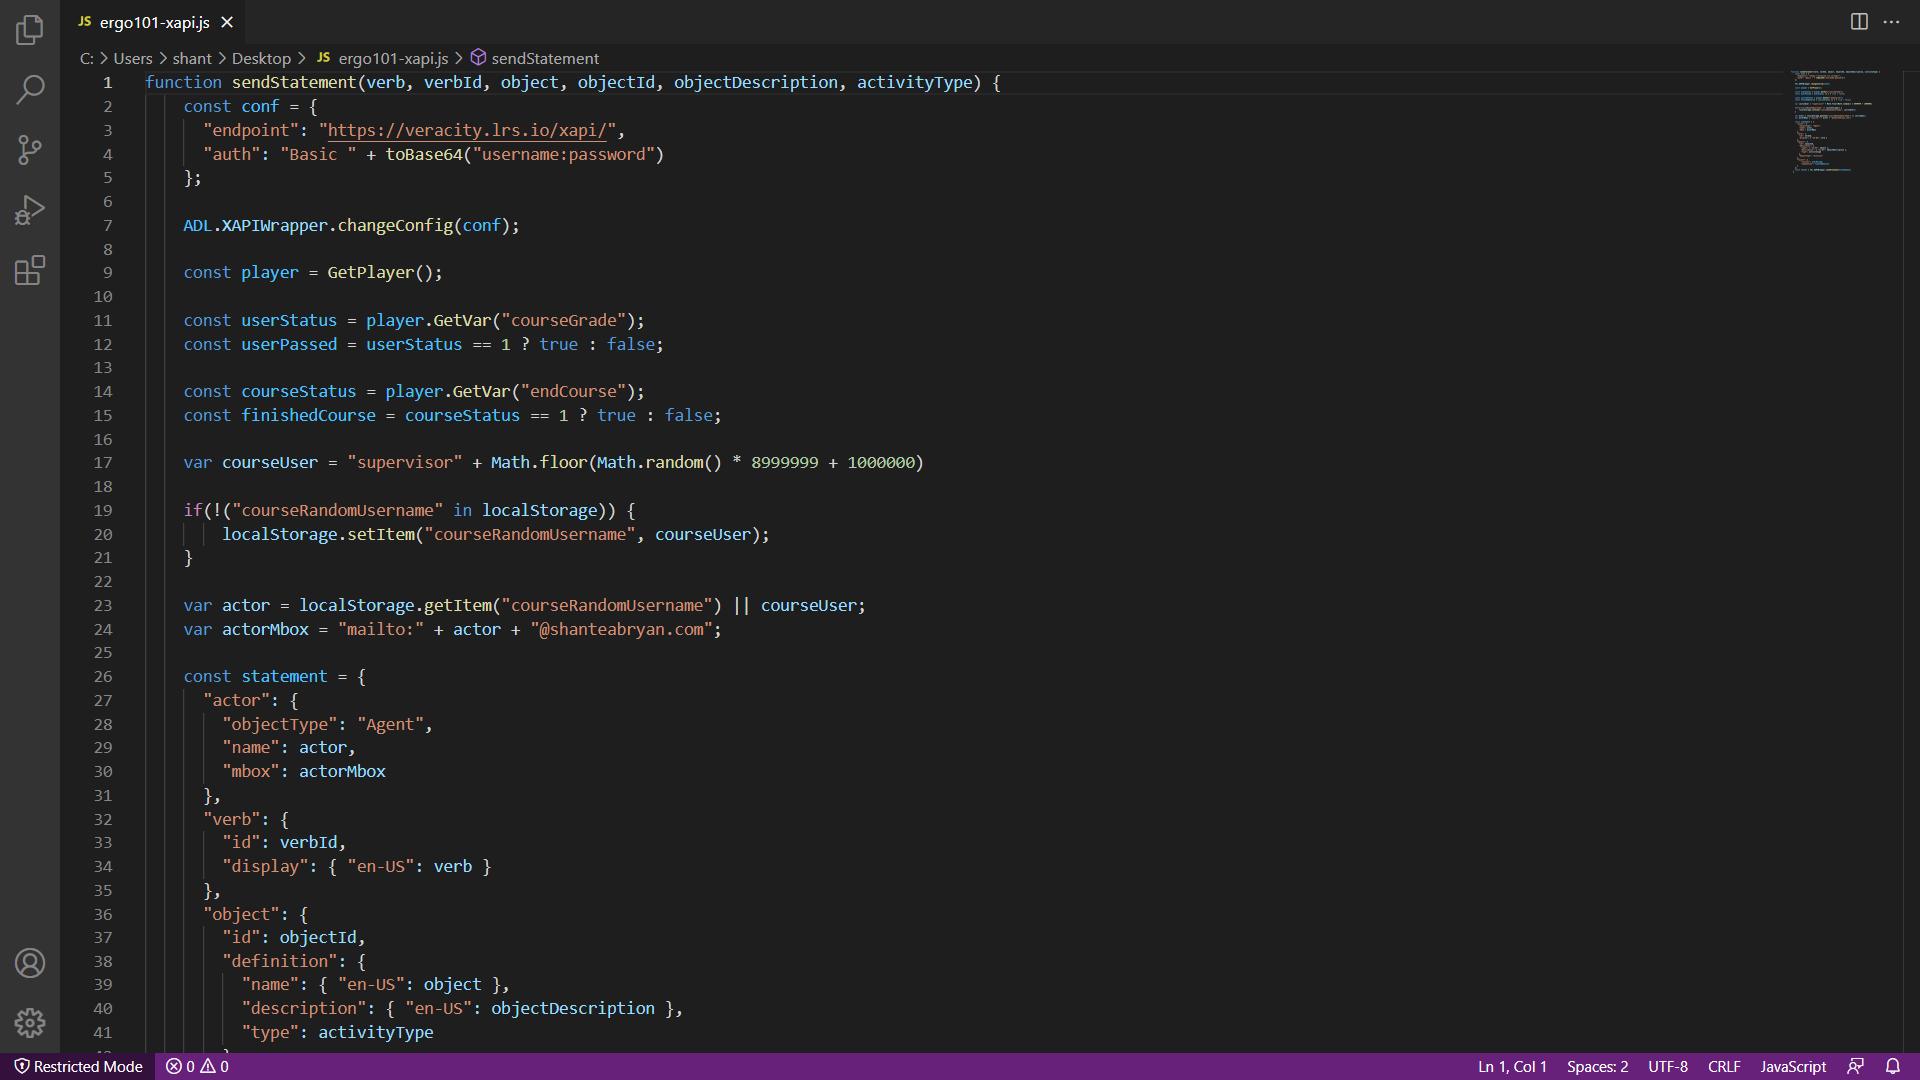 xAPI Statement in Visual Studio Code